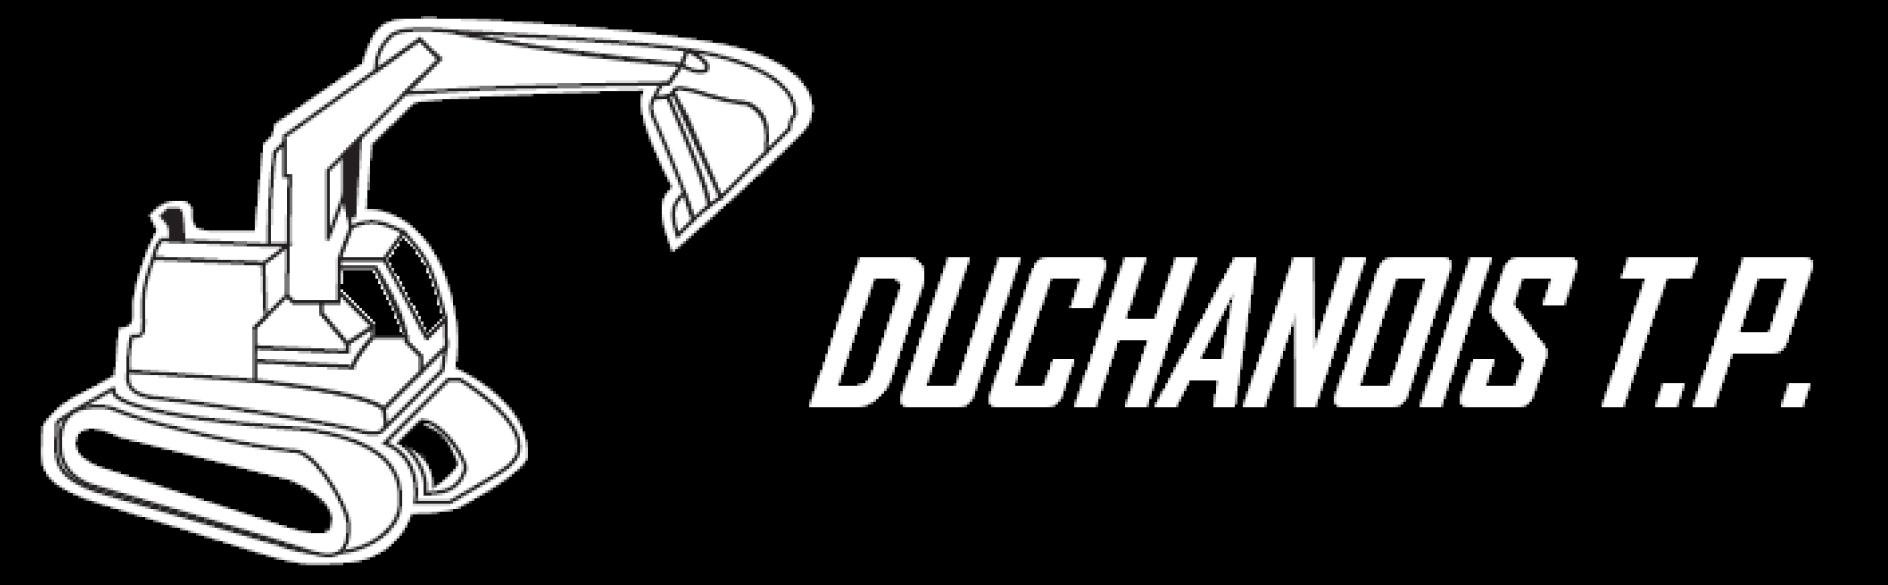 Duchanois TP